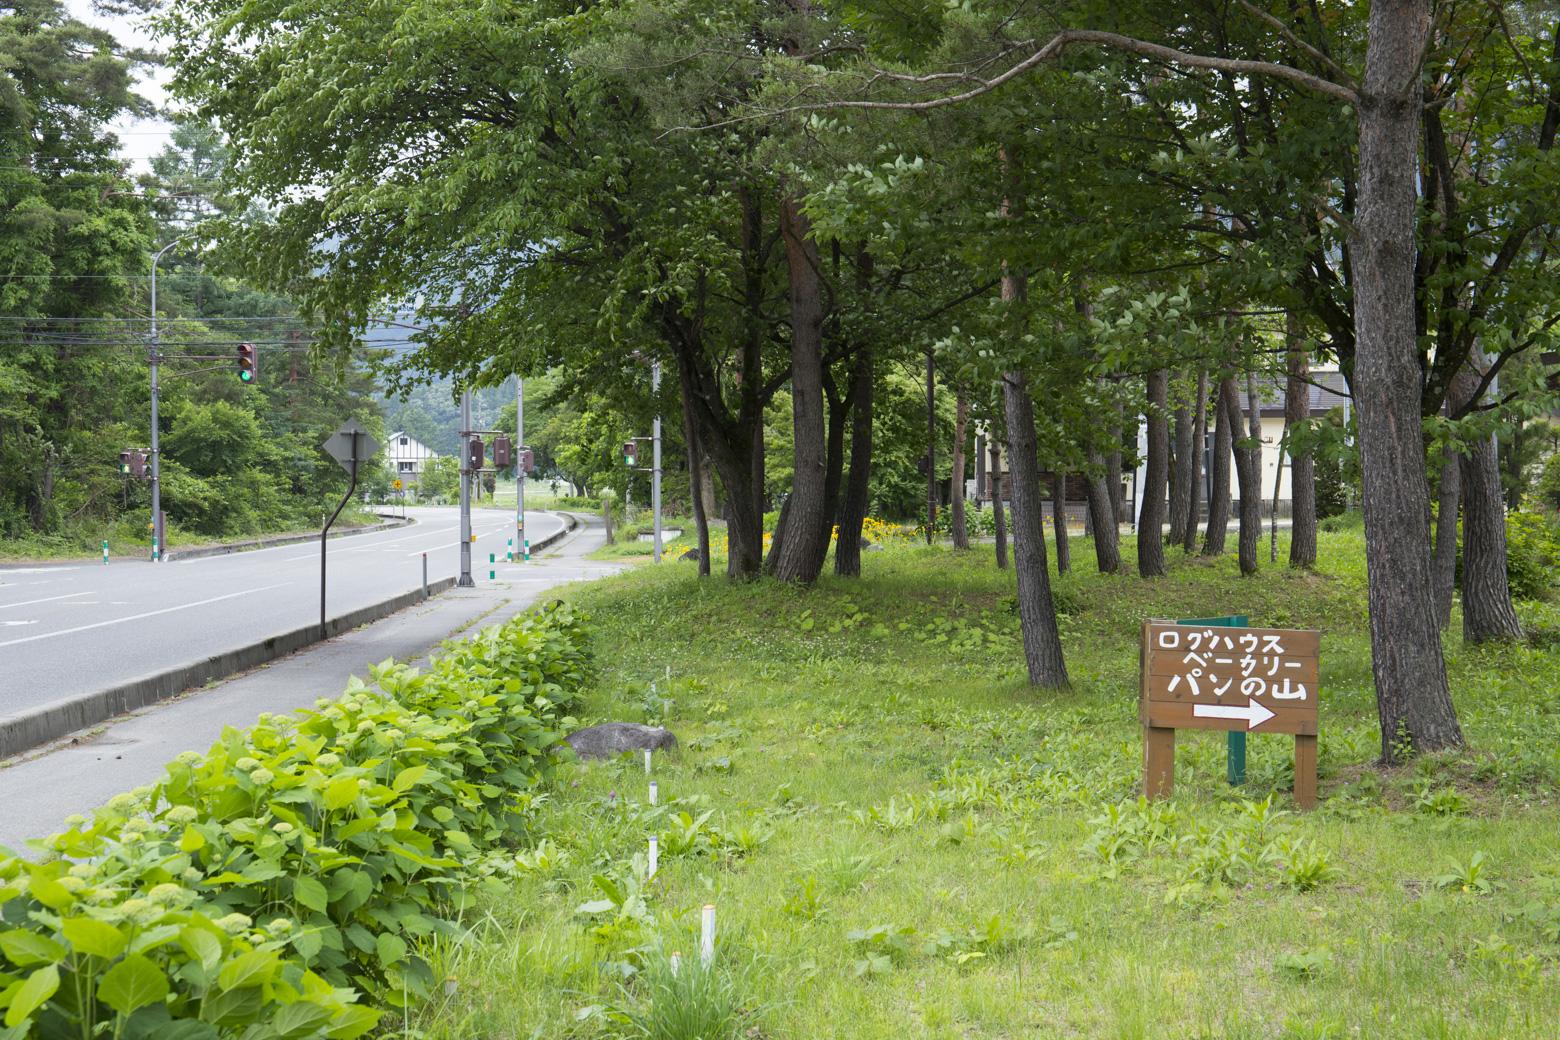 オリンピック道路沿いの店舗案内看板